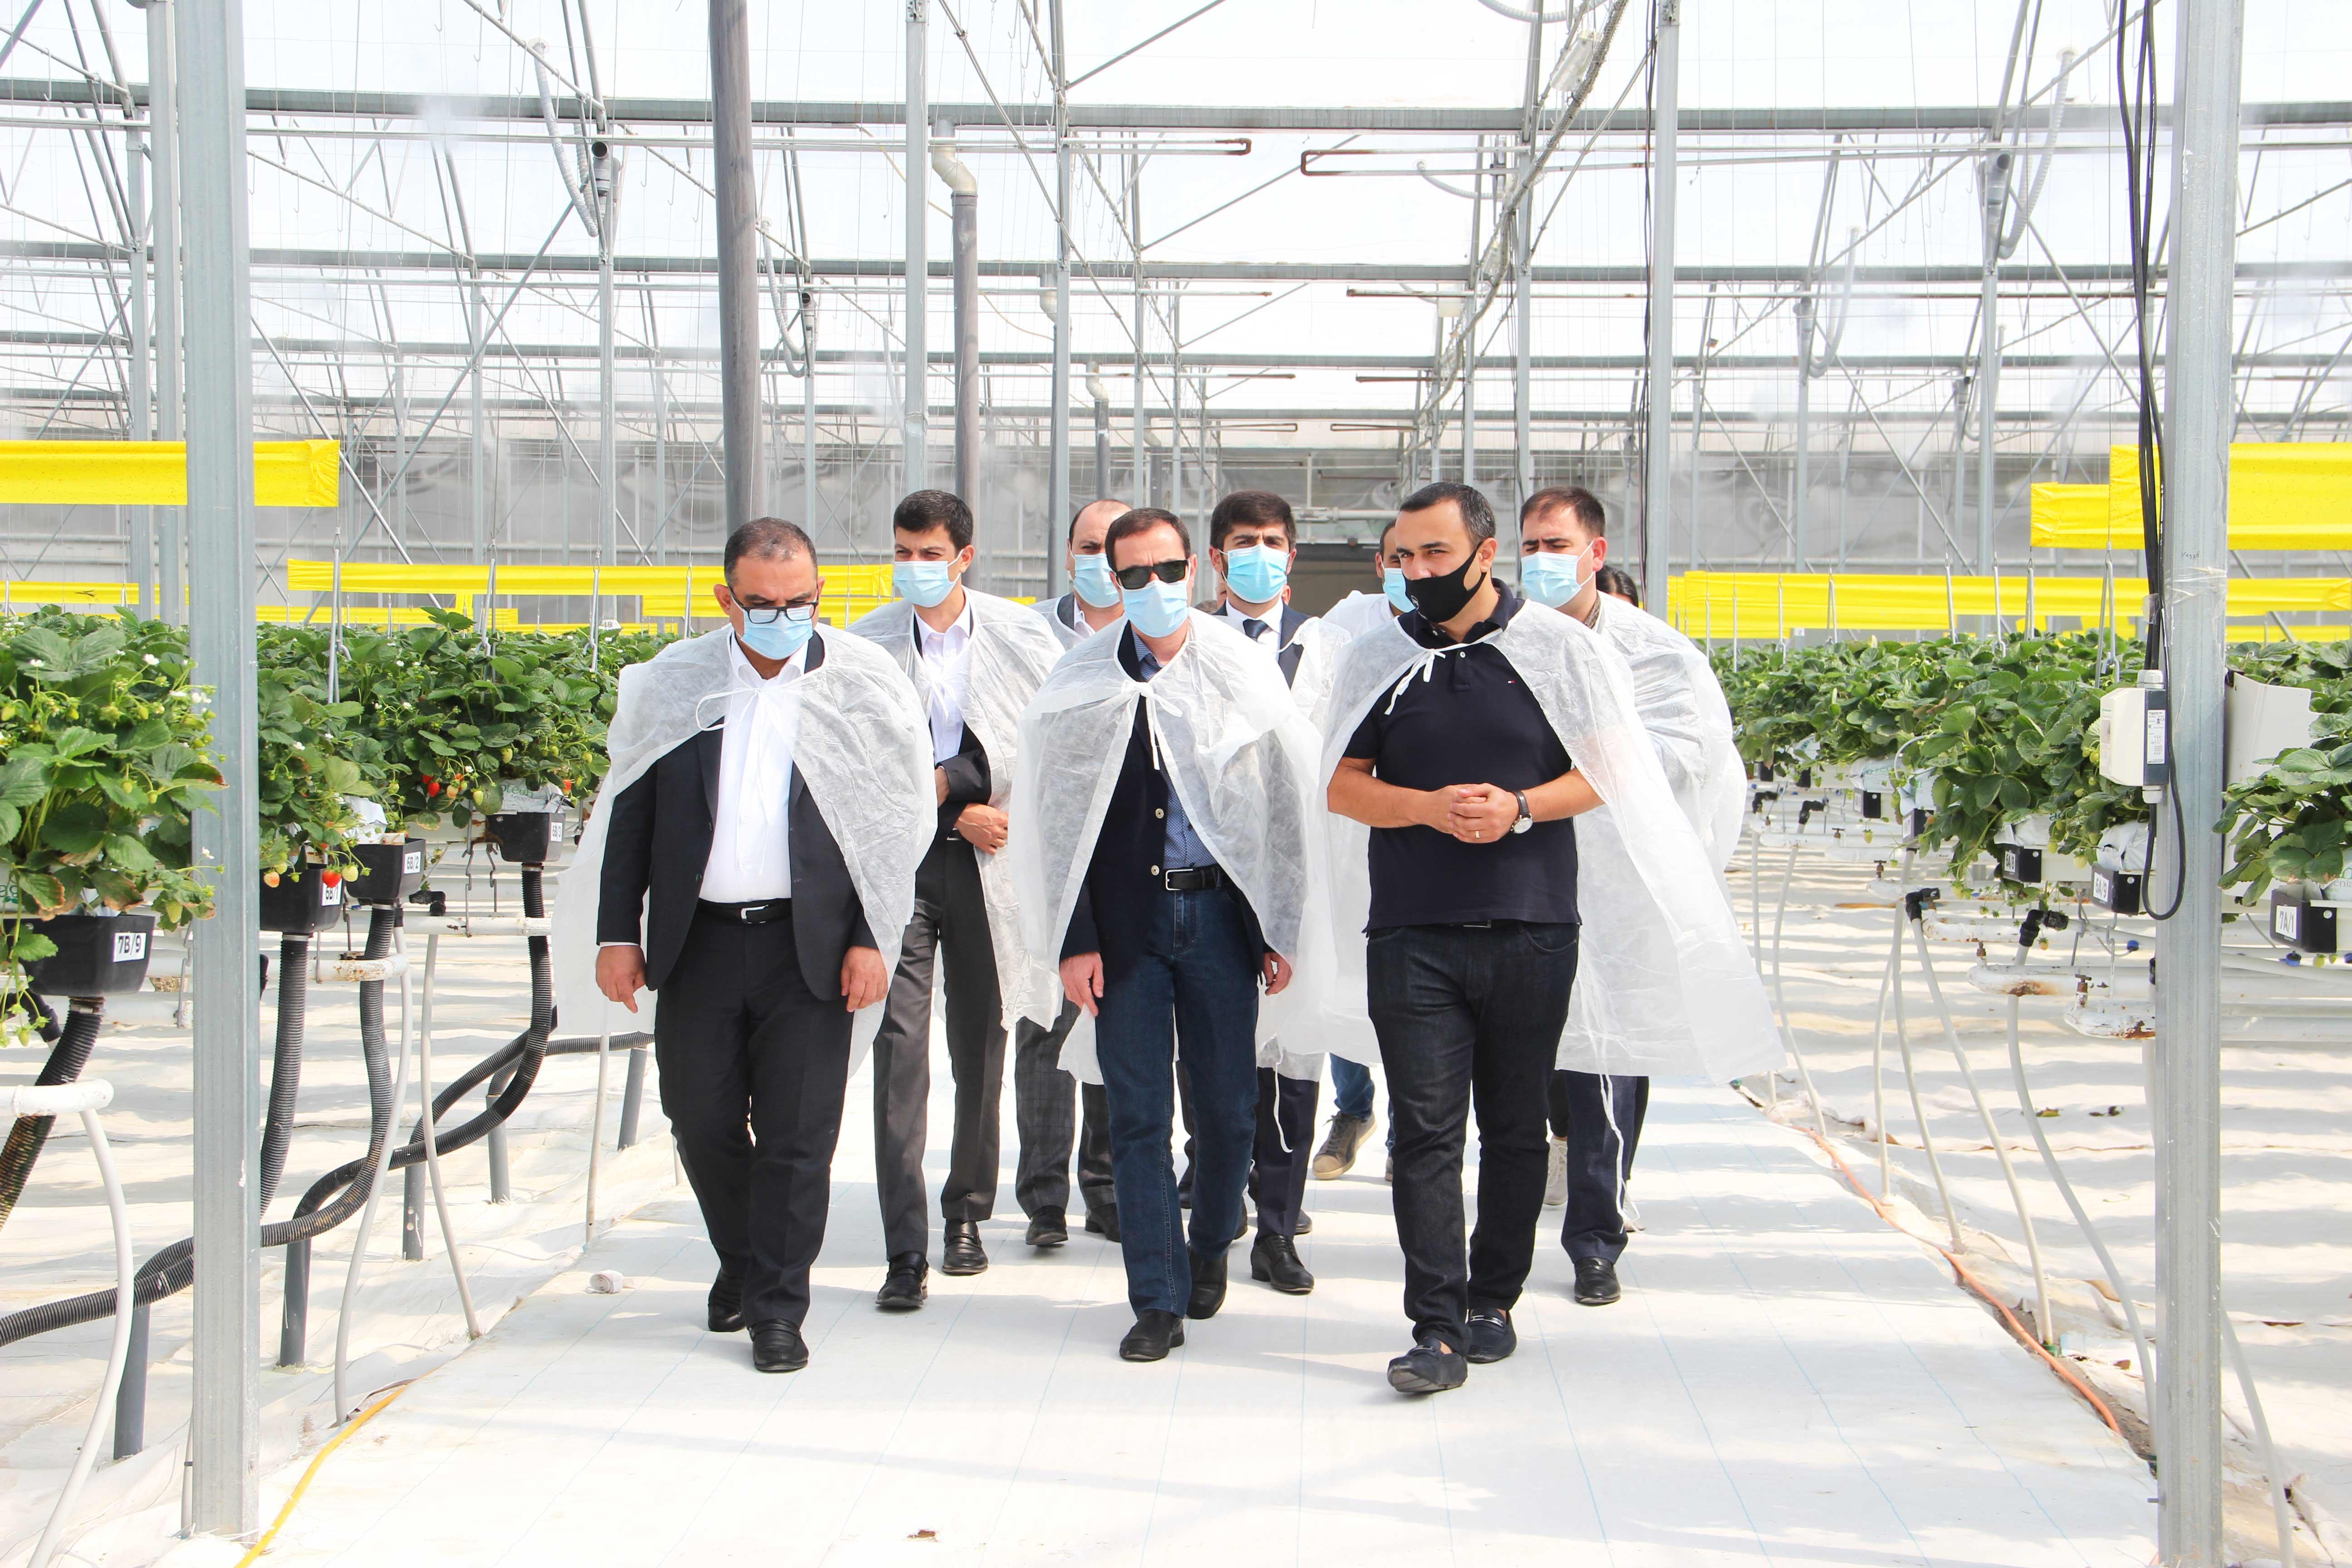 Տիգրան Խաչատրյանը և ԱՀ գյուղնախարար Աշոտ Բախշիյանն այցելել են ժամանակակից սարքավորումներով հագեցած ջերմատնային տնտեսություն և «խելացի» անասնաշենք